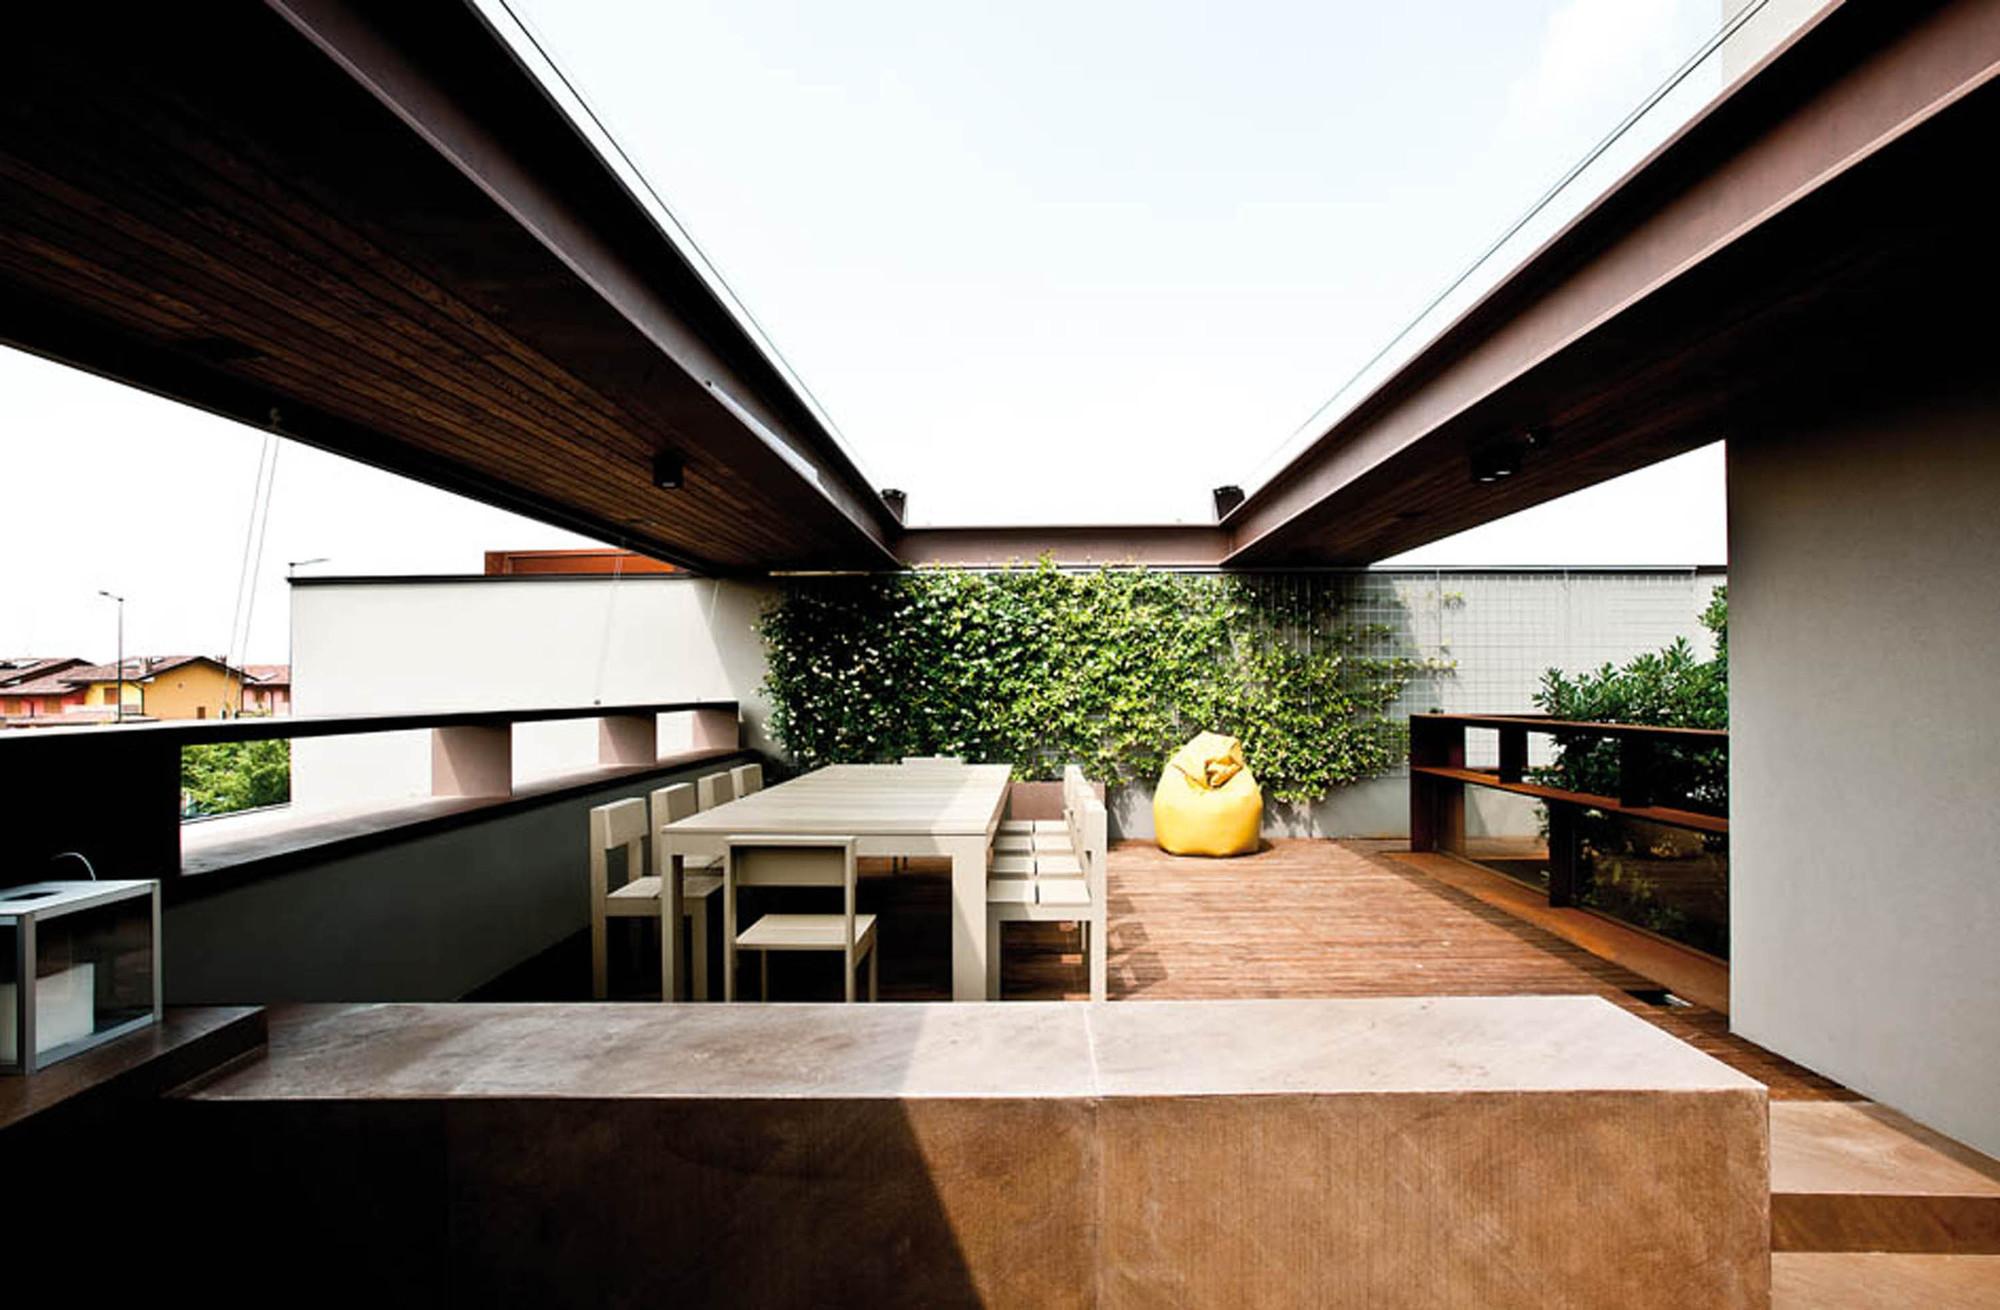 Galer a de casa b unostudio architetti associati 11 for Log casa architetti